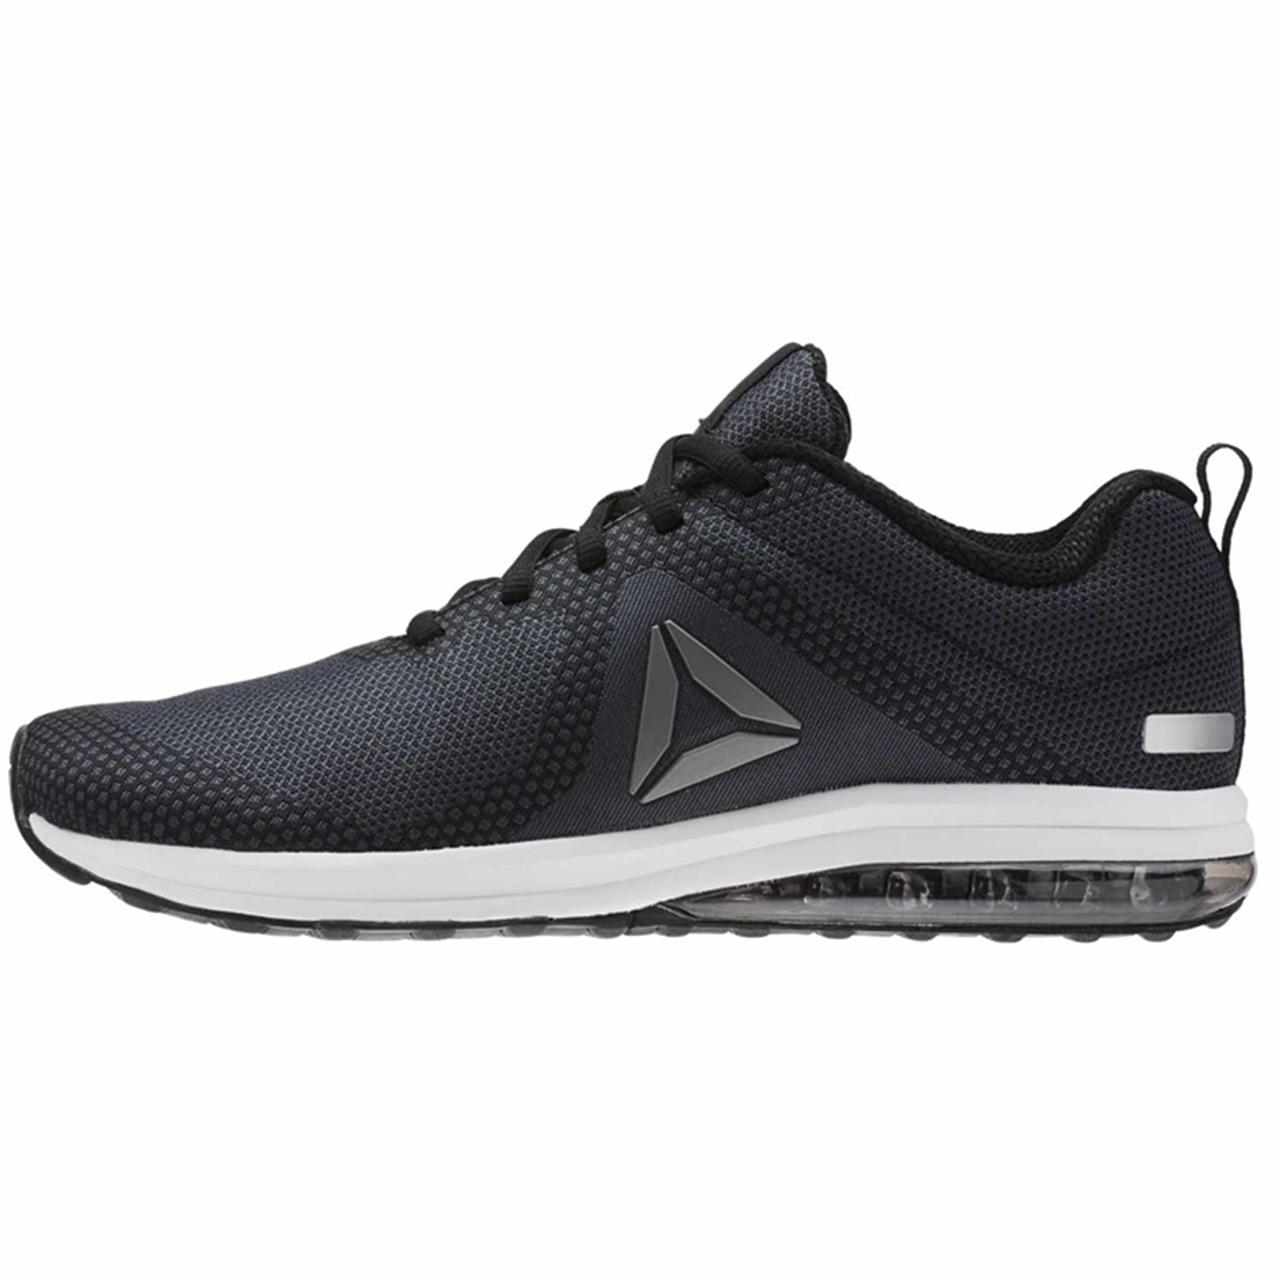 قیمت کفش مخصوص دویدن مردانه ریباک مدل JET DASHRIDE 6.0 SHOES - CN5445